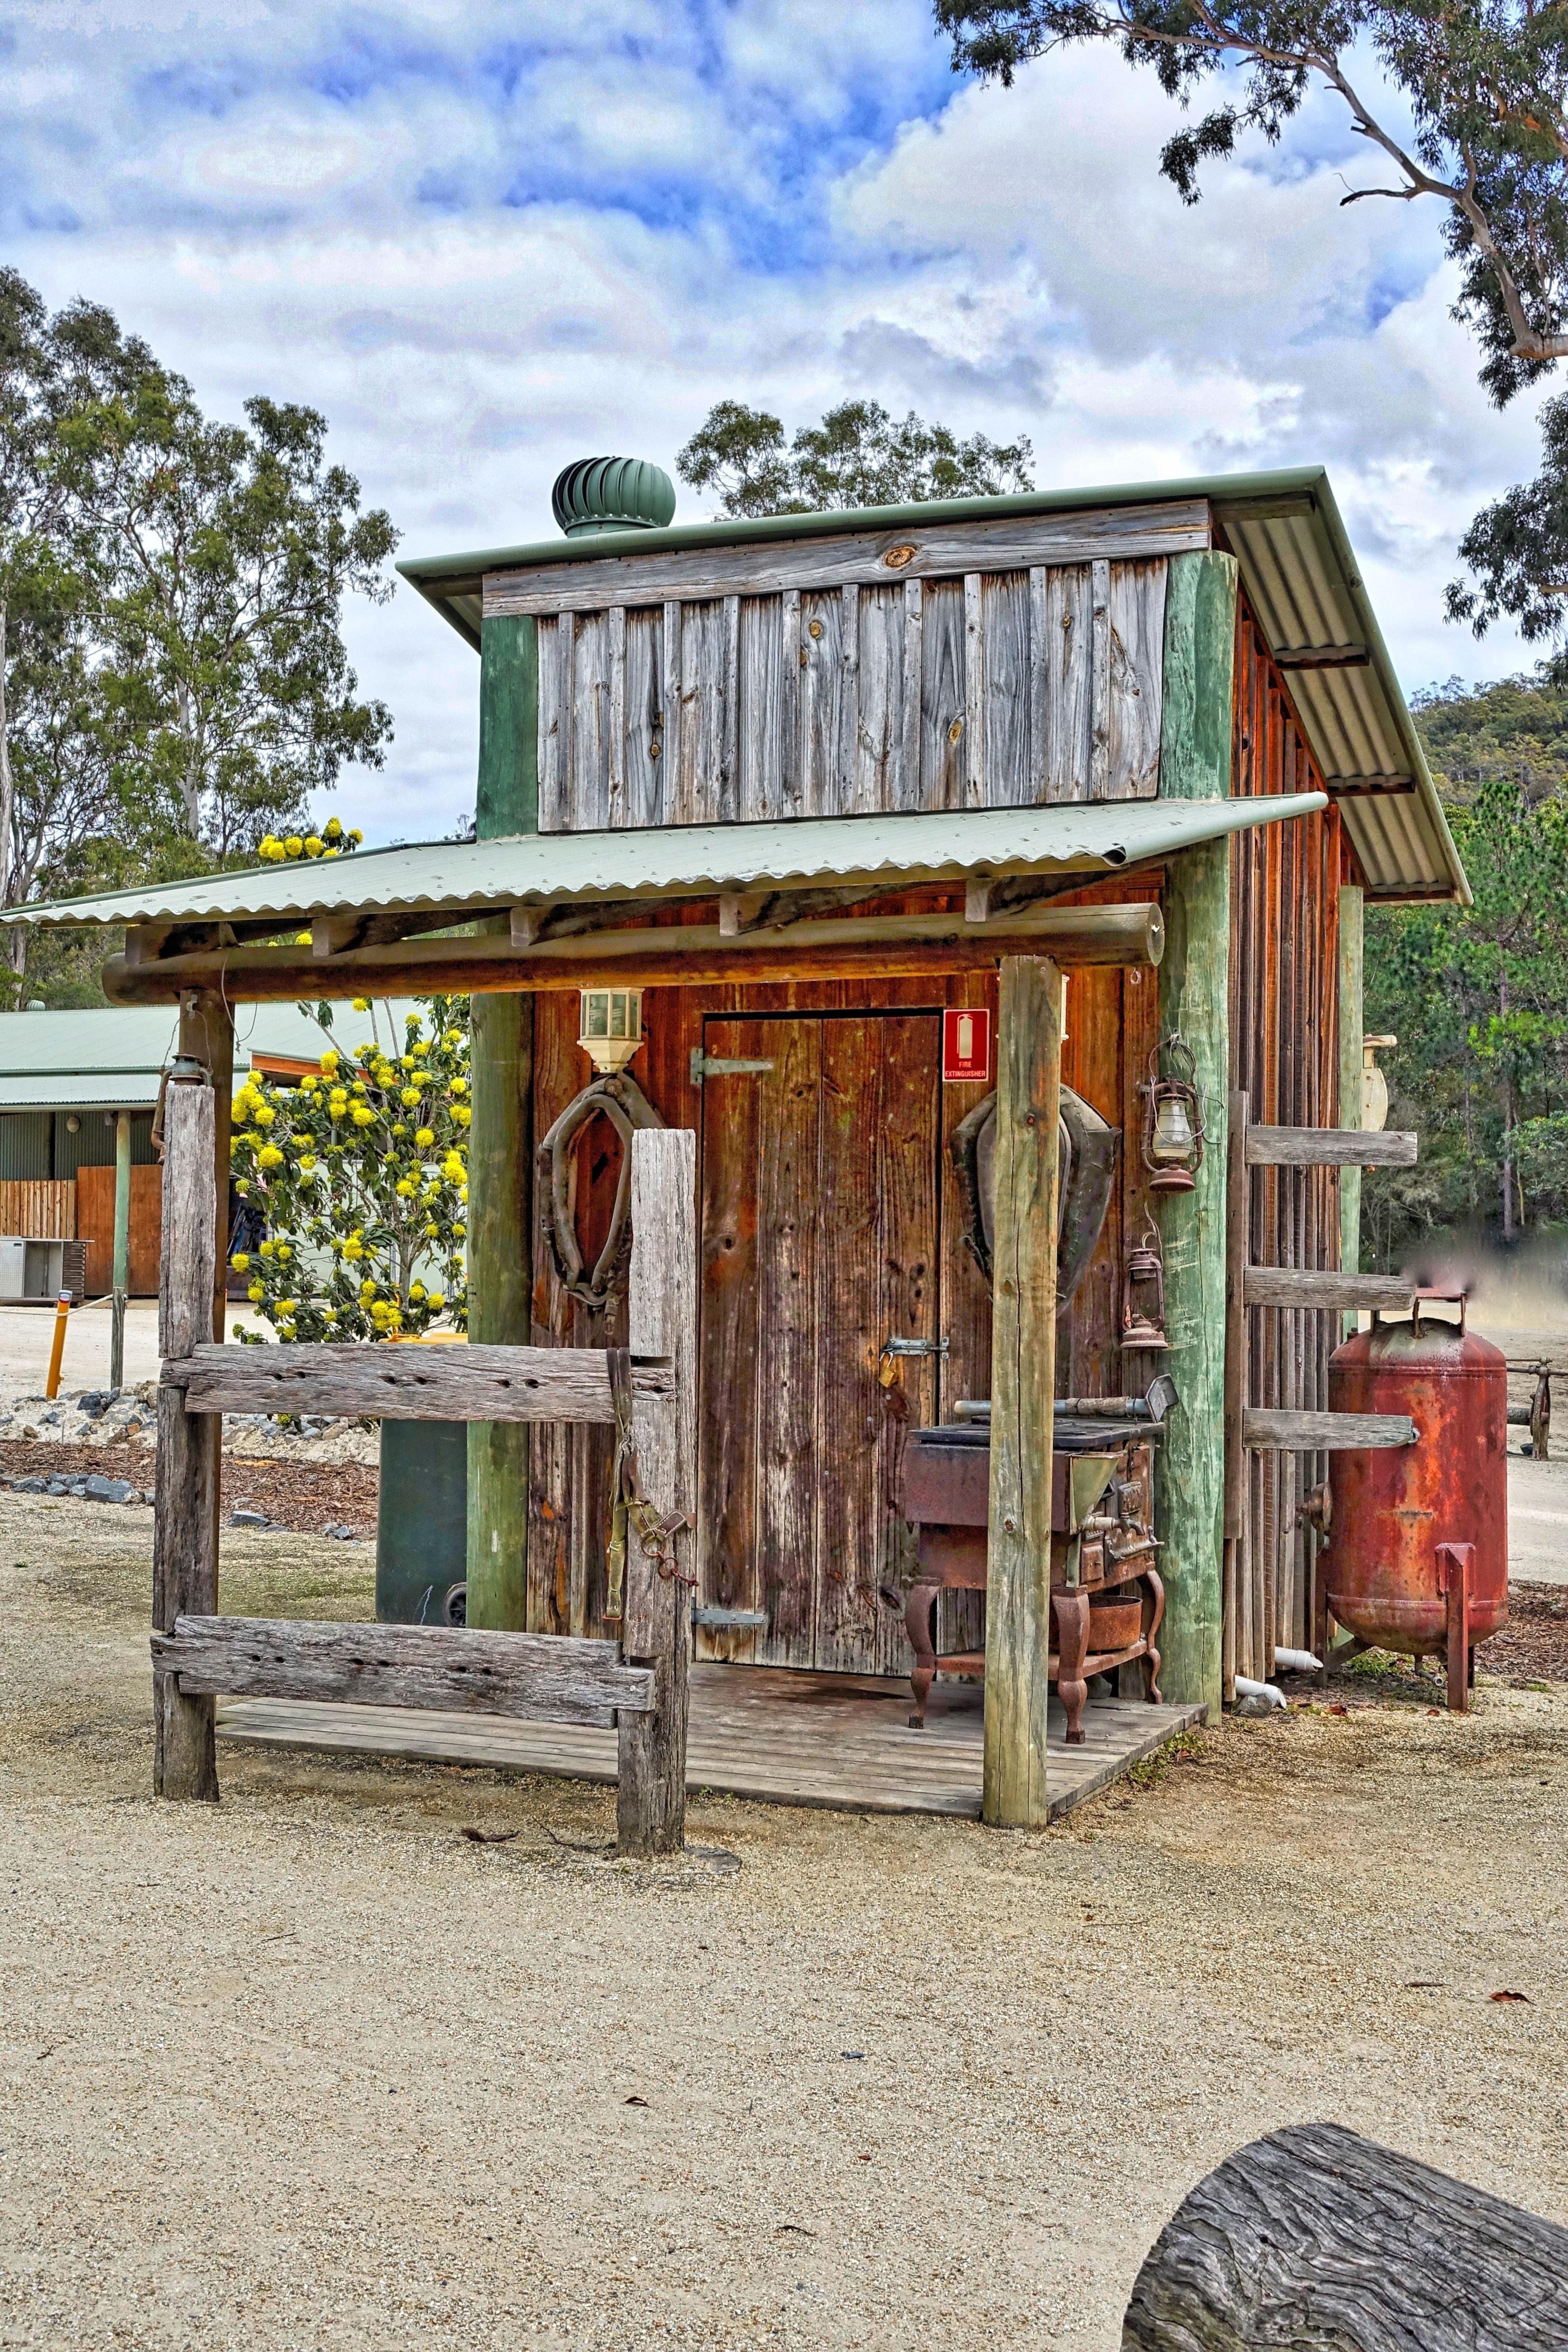 Gambar Outdoor Arsitektur Rumah Gudang Pondok Gubuk Toilet